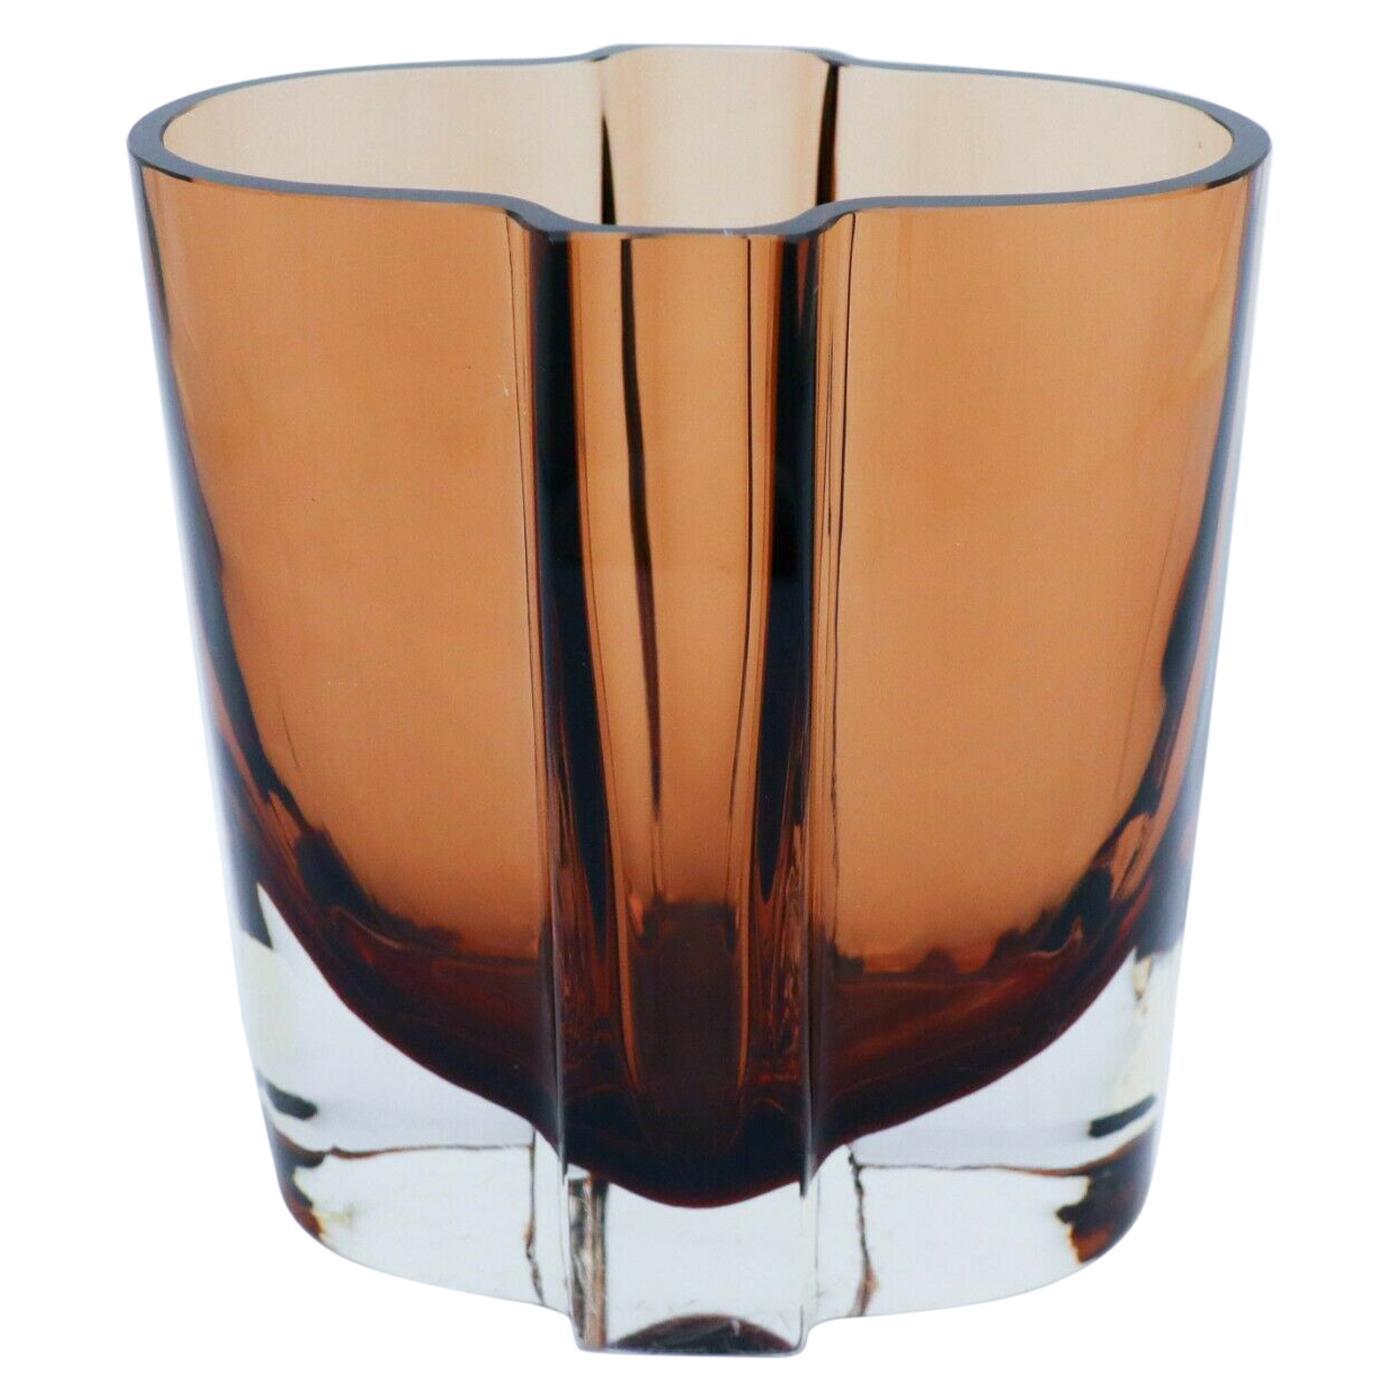 Vase in Glass, Kaj Franck, Nuutajärvi Notsjö, Bordeaux Red / Brown Color